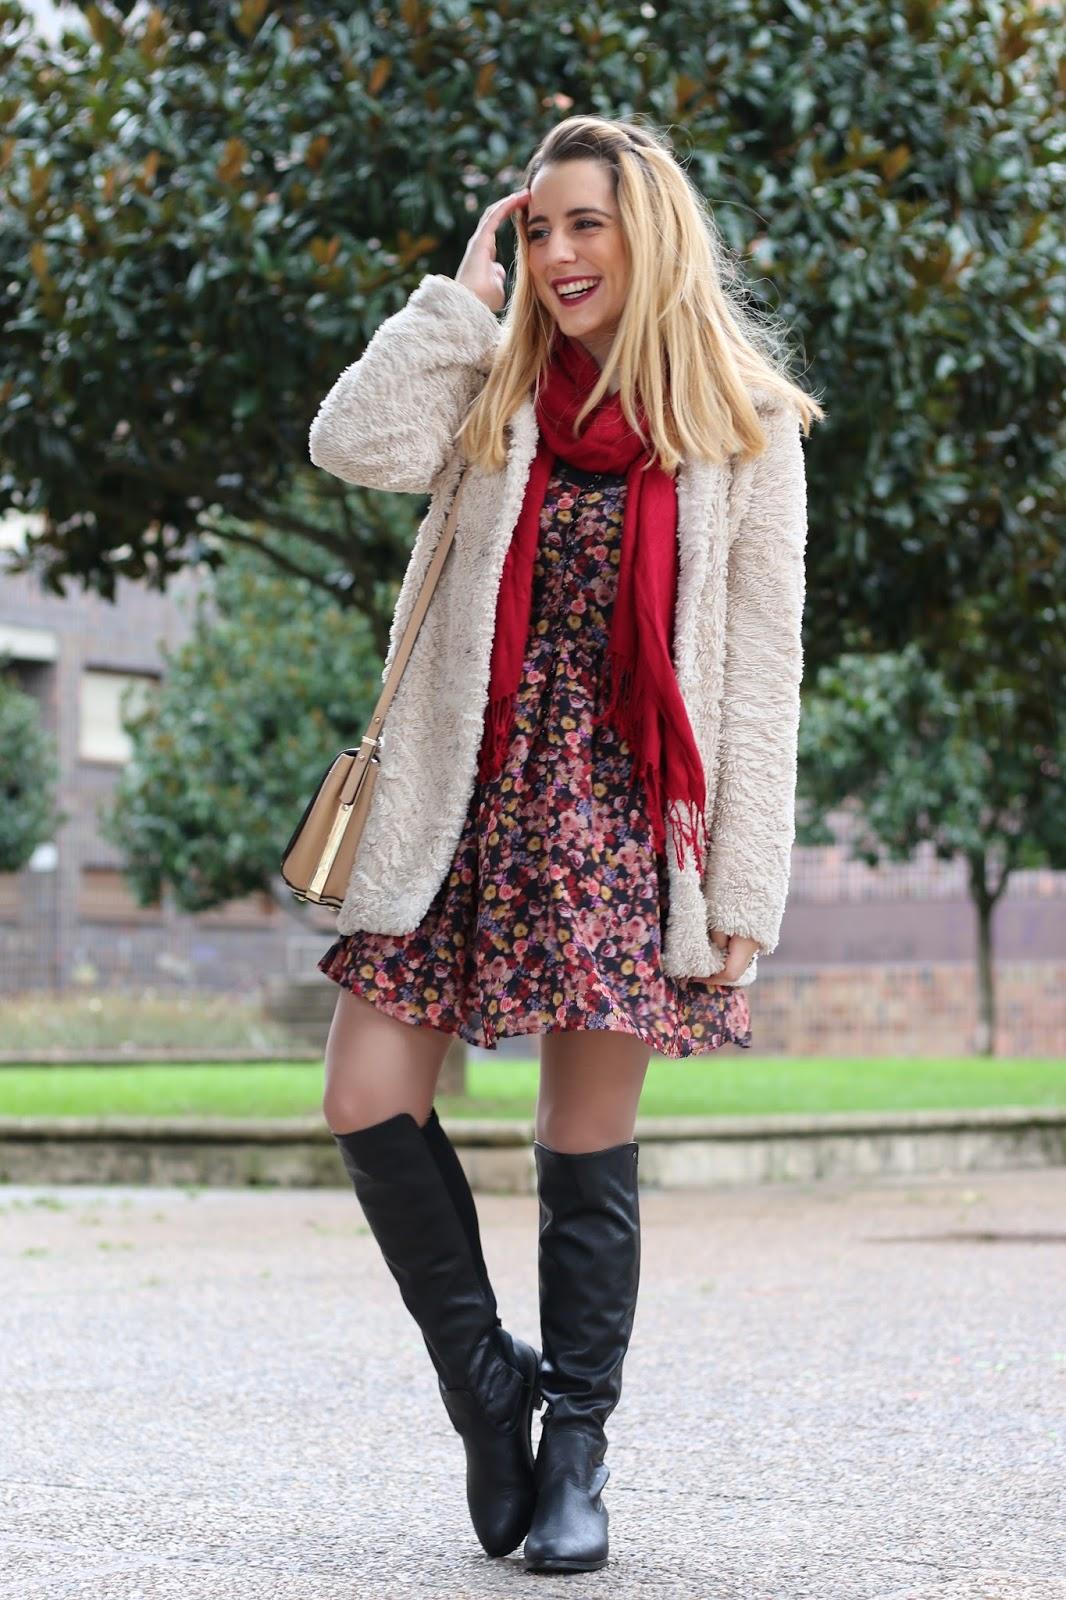 Vestido de flores en invierno | Me Myself My Wardrobe | Bloguera y Youtuber de moda afincada en ...